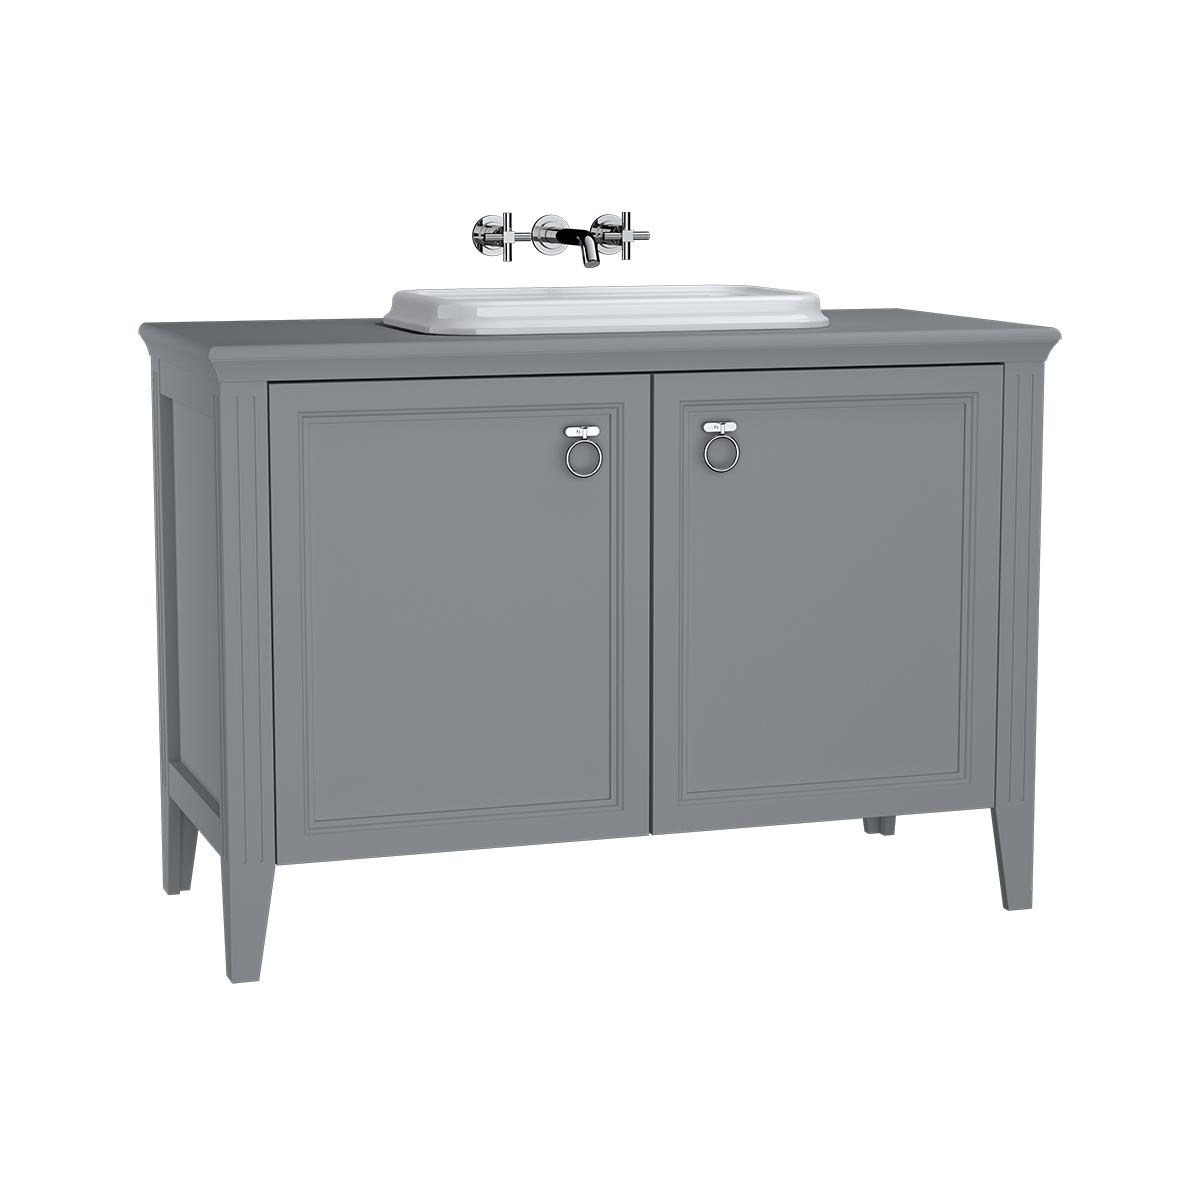 Valarte meuble sous vasque encastrée, 120 cm, avec portes, gris mat